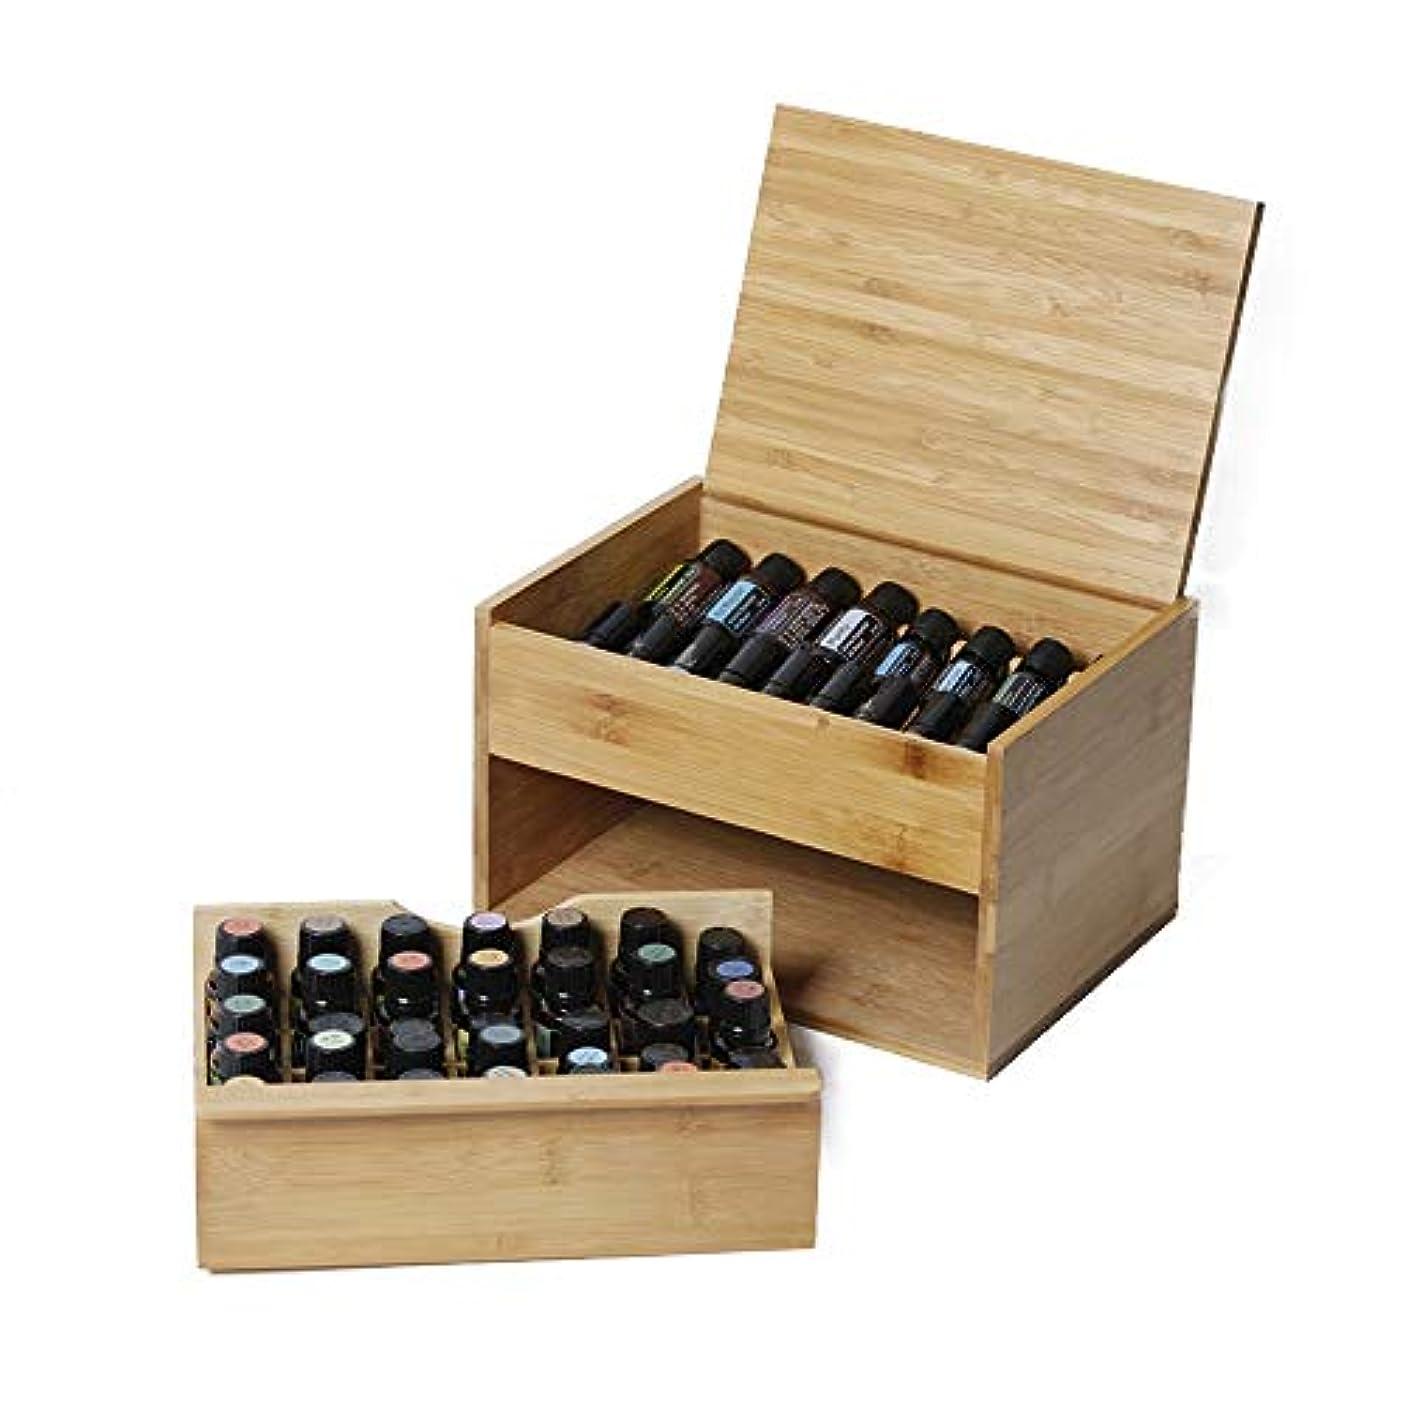 音声命令的いじめっ子2ティアエッセンシャルオイルストレージボックス主催者は53の5?15ミリリットル油のボトルを保持します アロマセラピー製品 (色 : Natural, サイズ : 26.3X18.8X16CM)